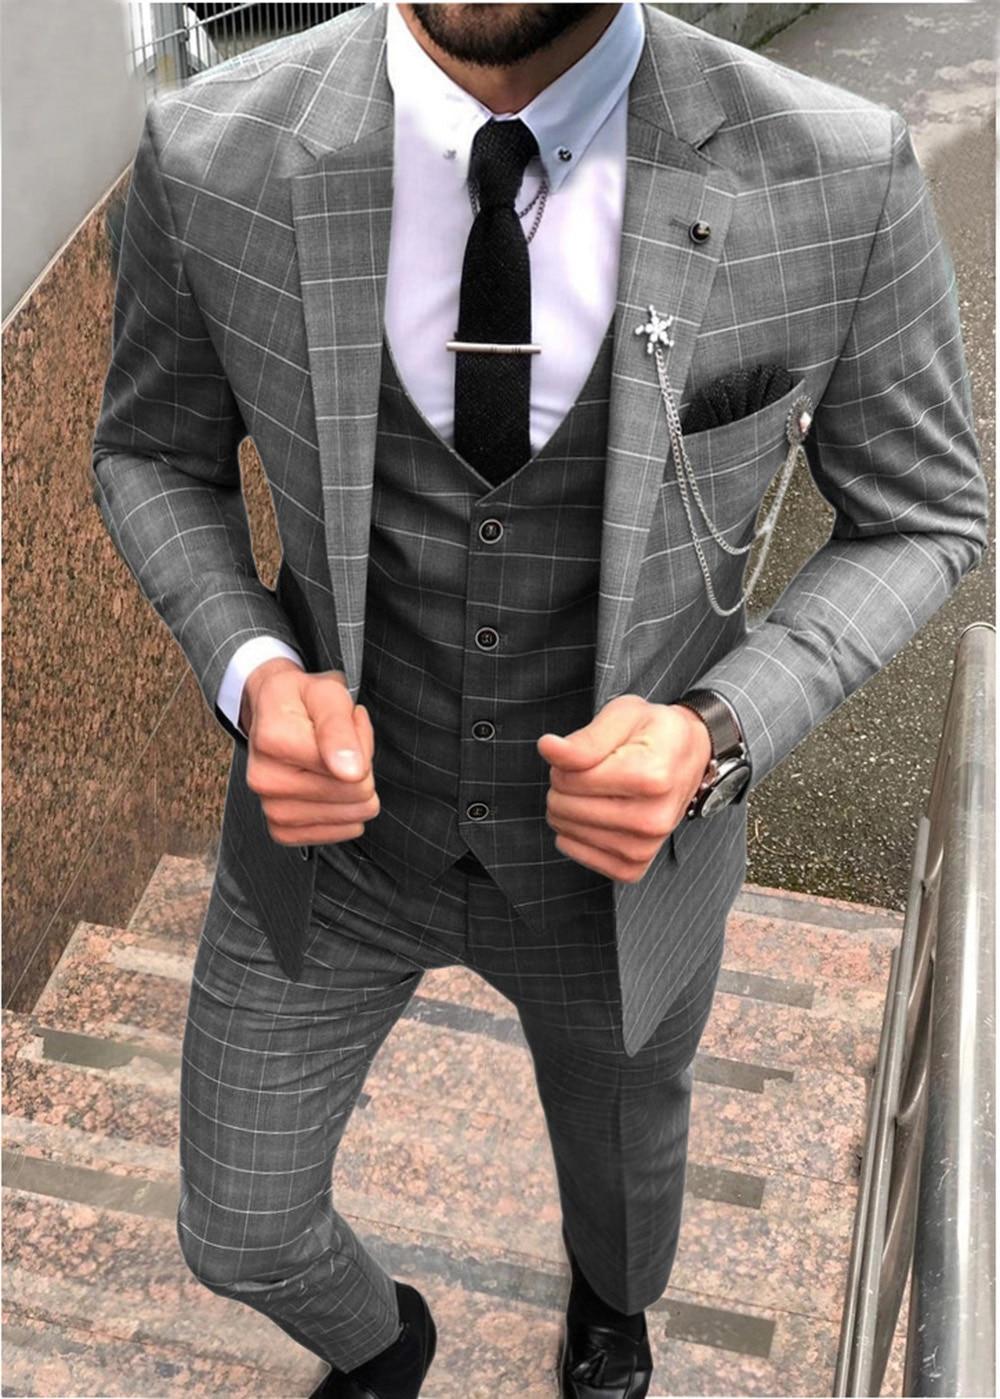 Teal/Grey/Brown Men's Suit 3 Pieces Plaid Business Casual Notch Lapel Tuxedos Groomsmen Men Suits for Wedding(Blazer+vest+Pants)